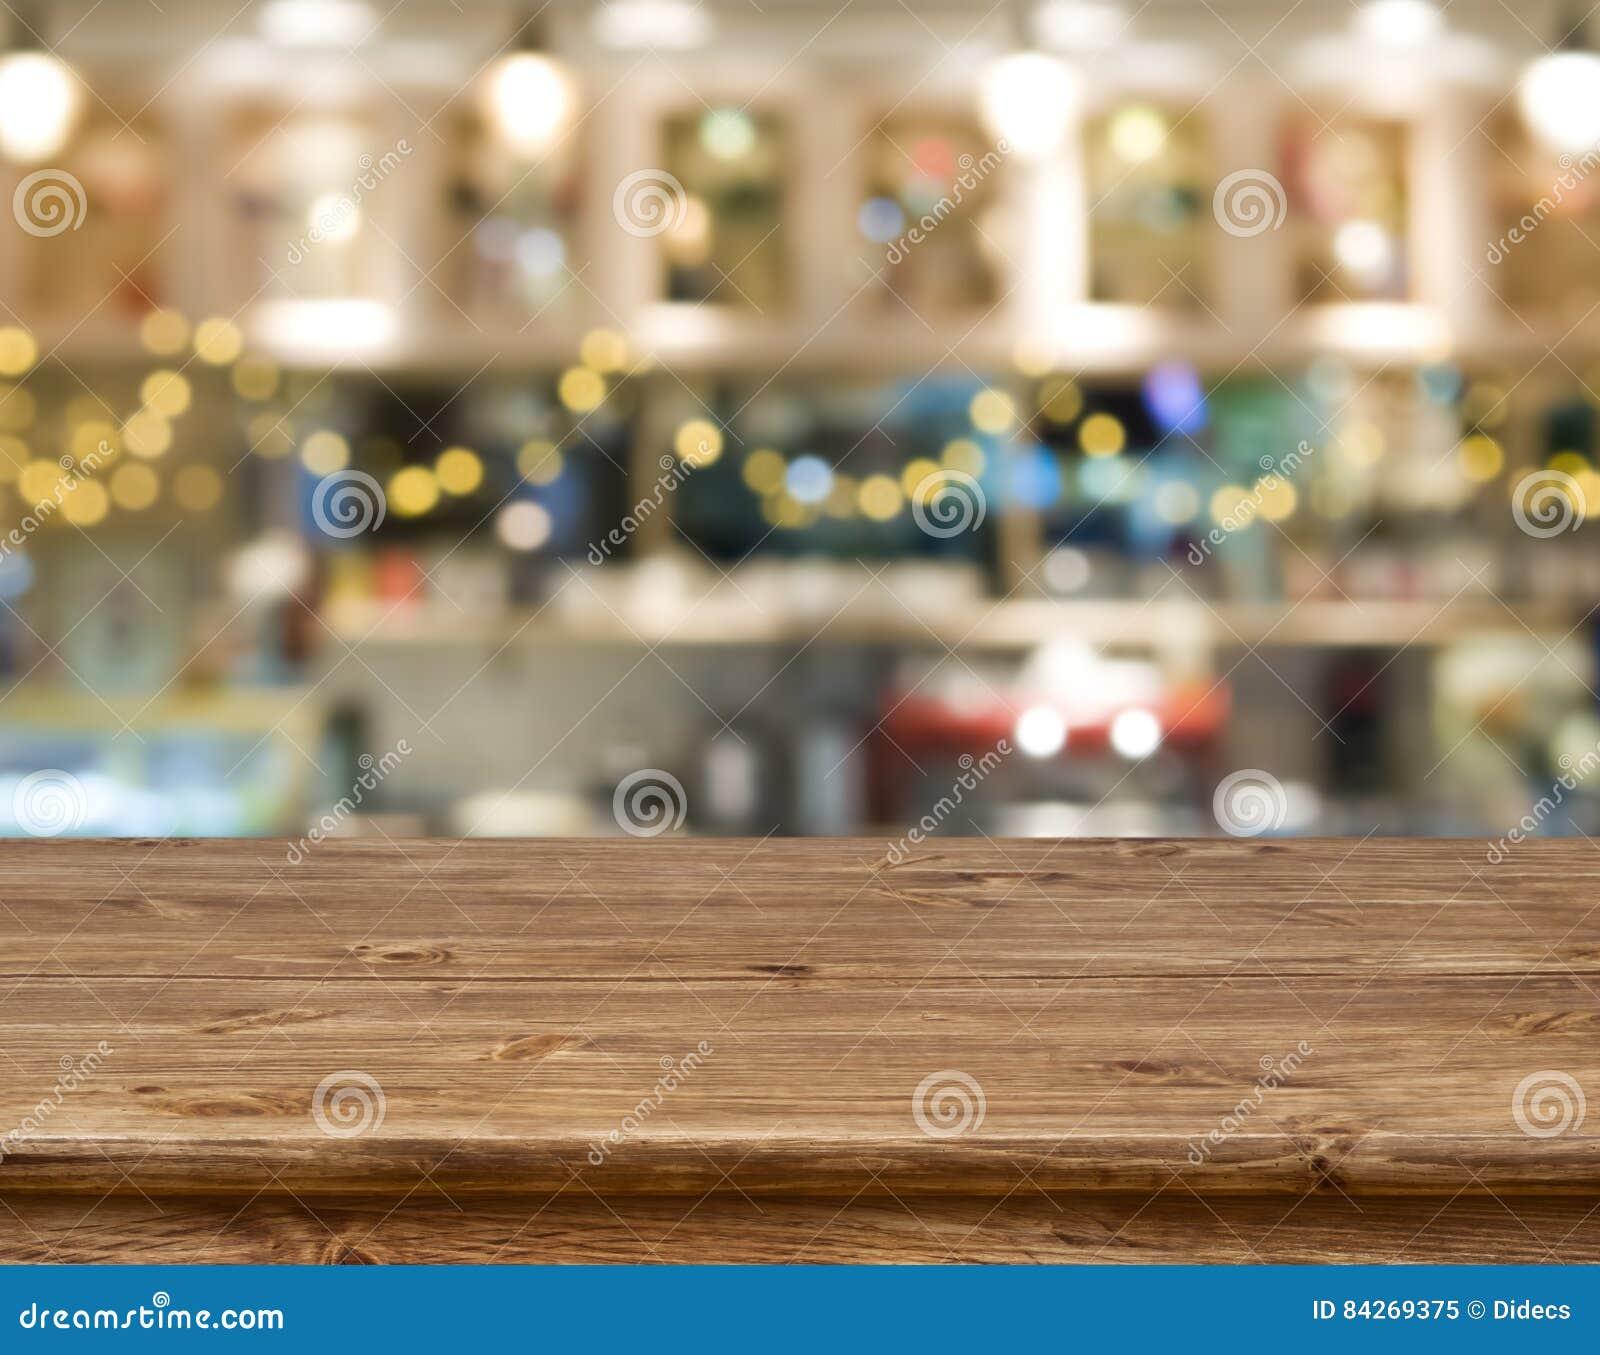 Ξύλινος πίνακας μπροστά από θολωμένο το περίληψη υπόβαθρο πάγκων κουζινών